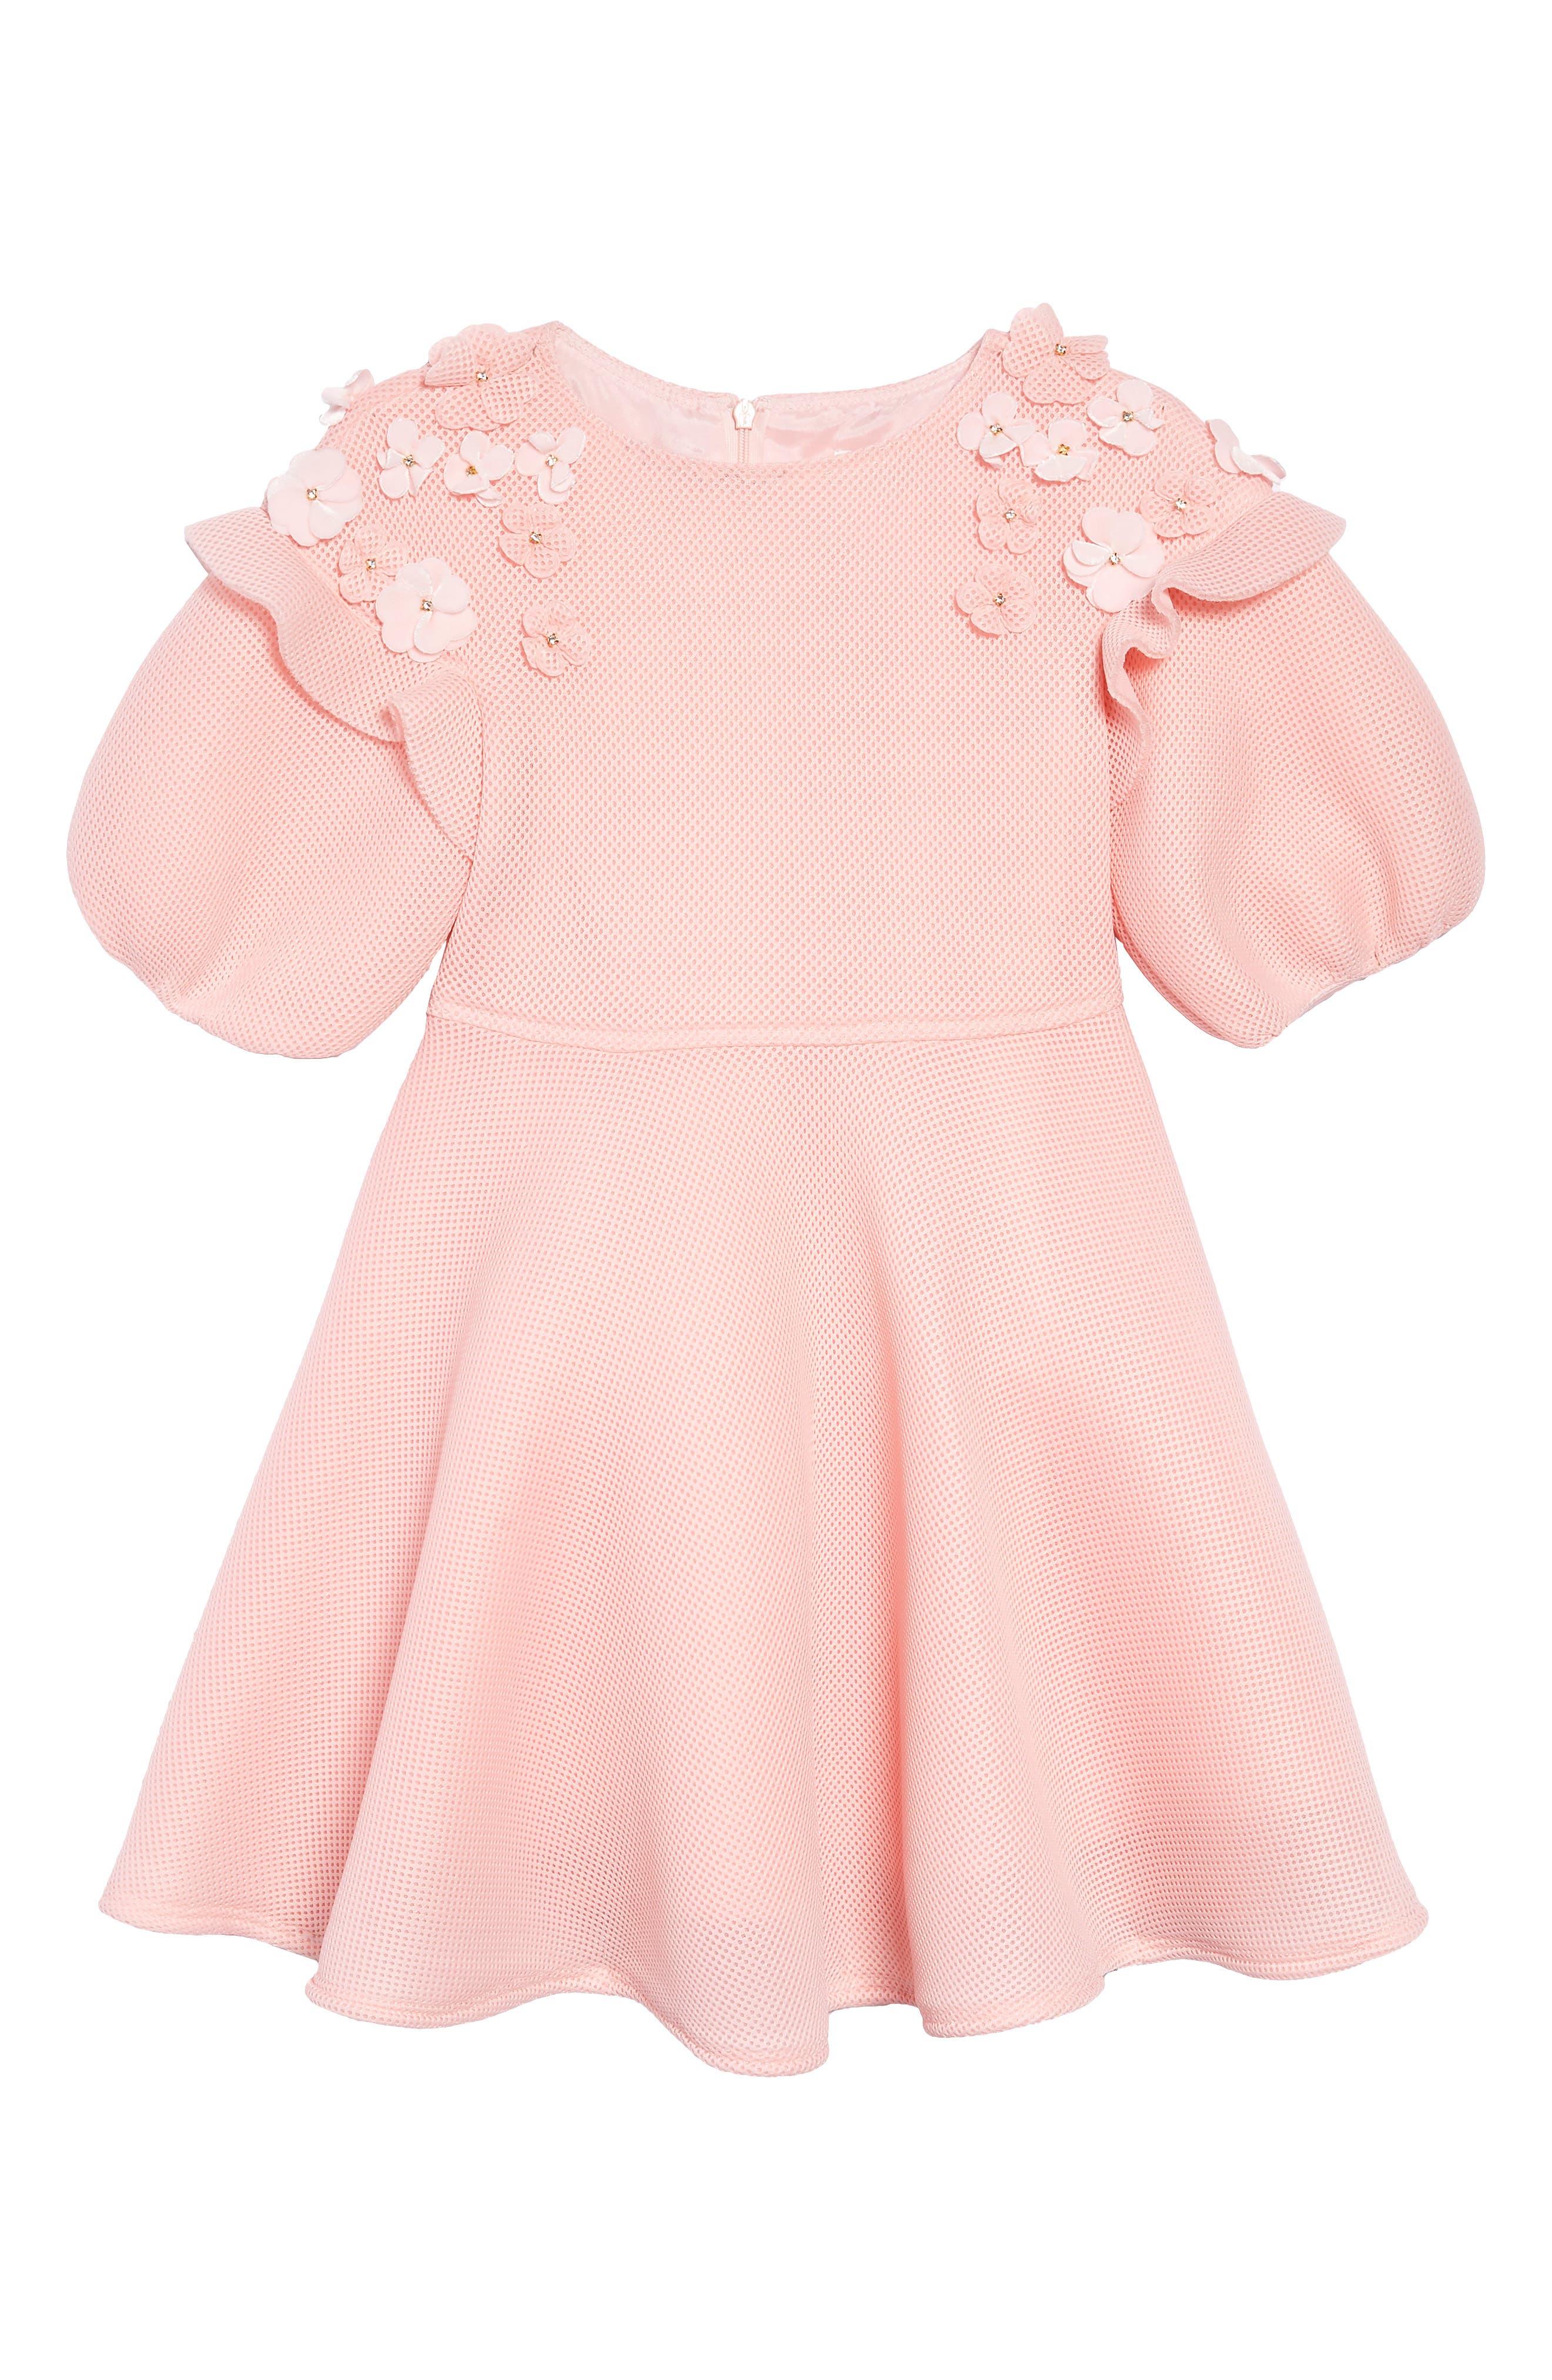 Floral Appliqué Dress,                         Main,                         color, PINK